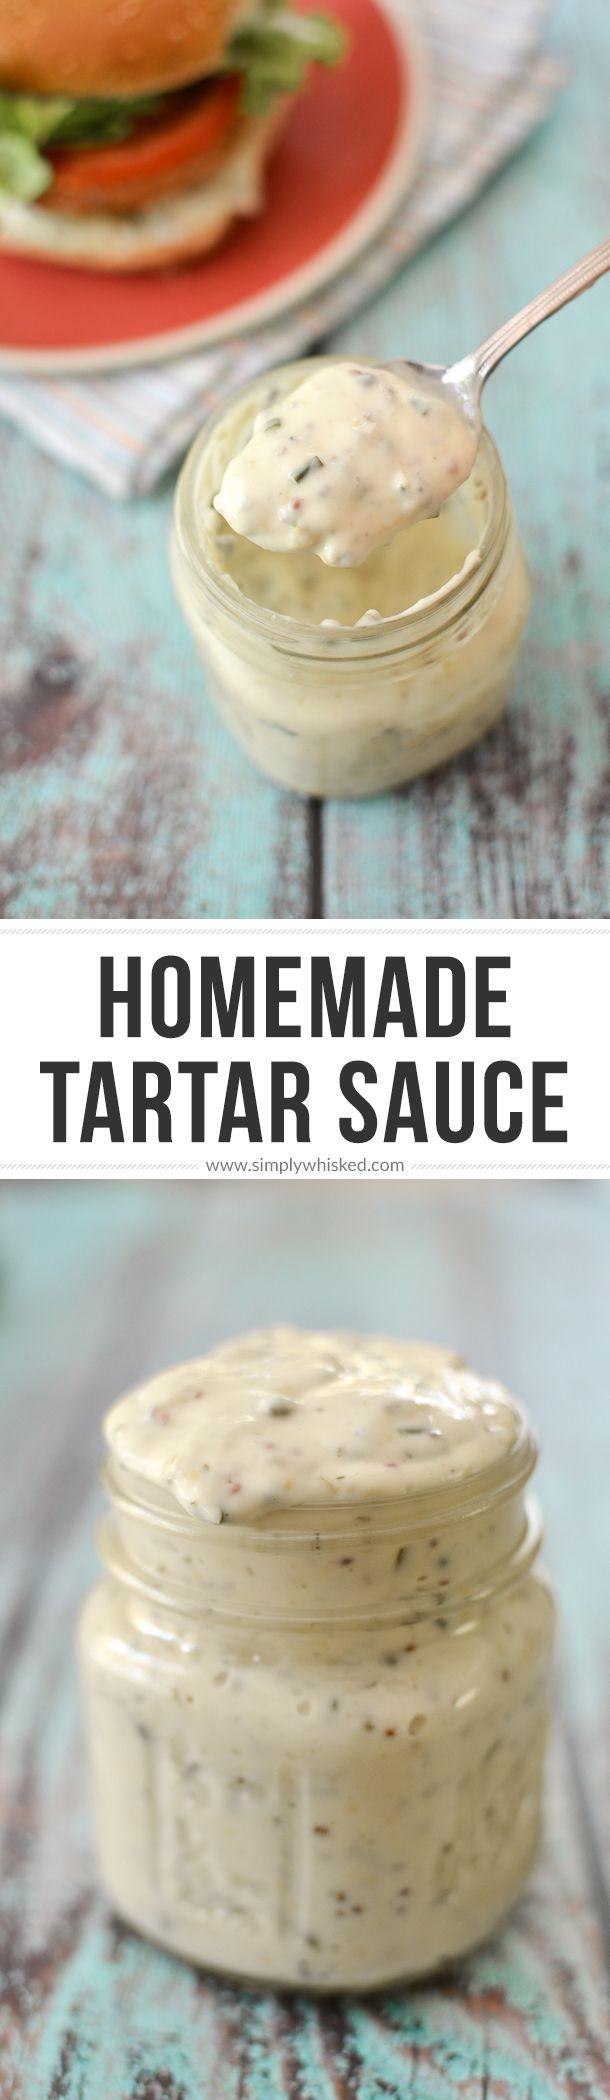 Homemade Tartar Sauce | @simplywhisked